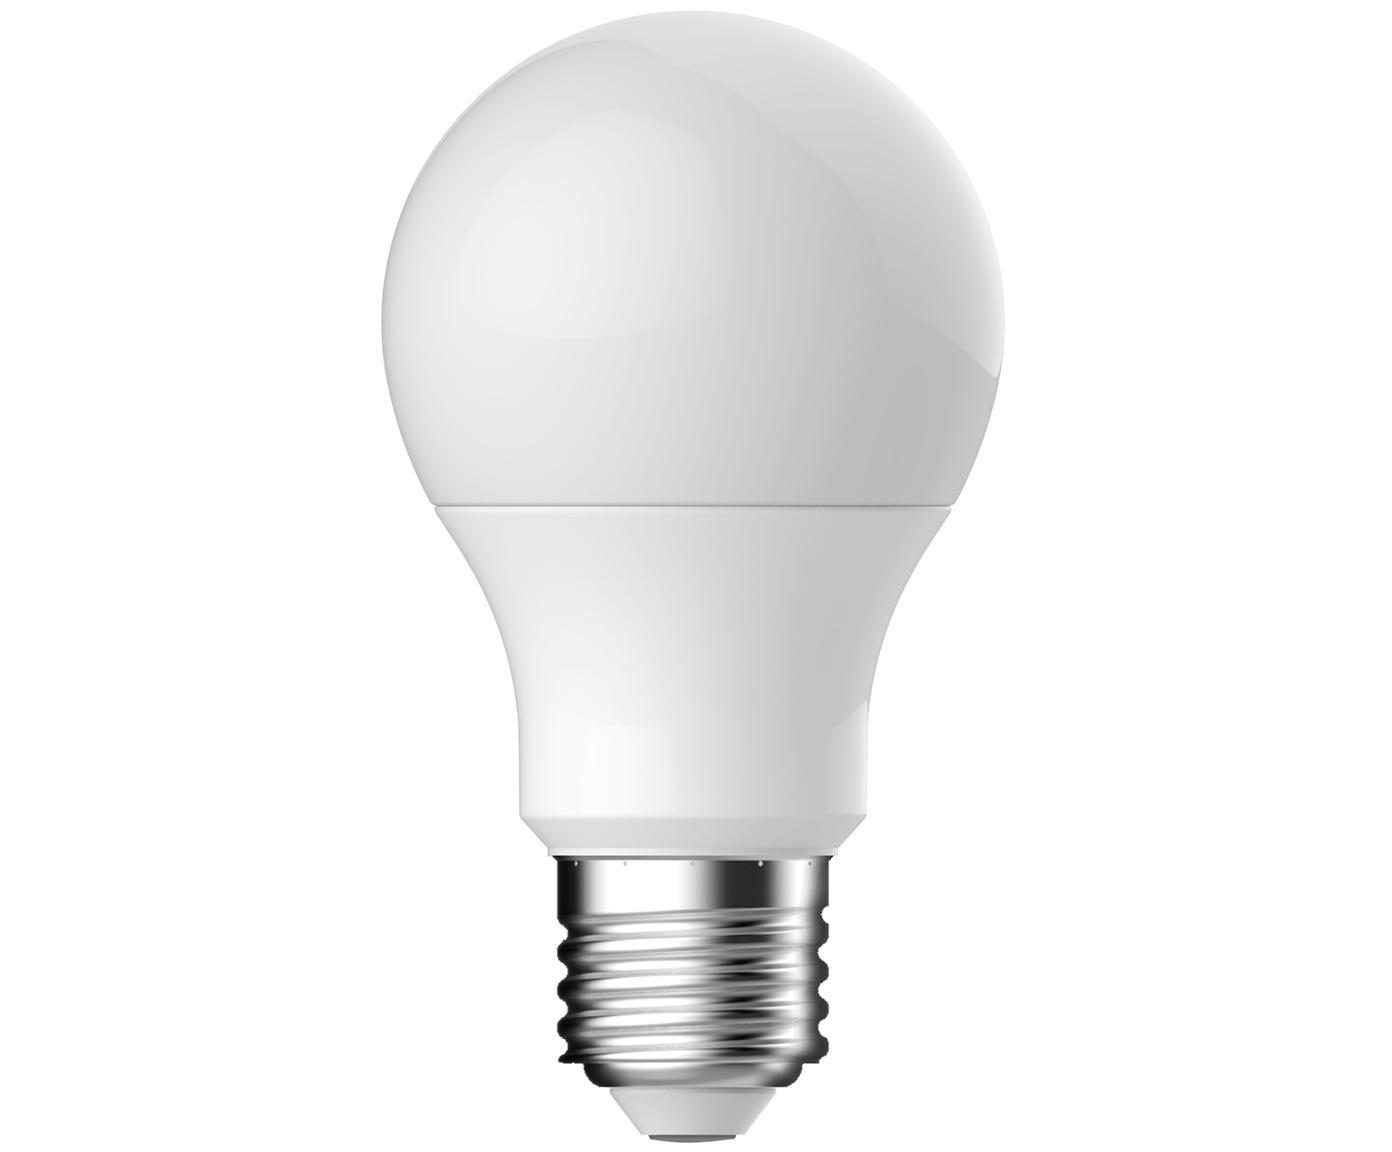 Dimmbares LED-Leuchtmittel Frost (E27/11W), Leuchtmittelschirm: Opalglas, Leuchtmittelfassung: Aluminium, Weiss, Ø 6 x H 11 cm